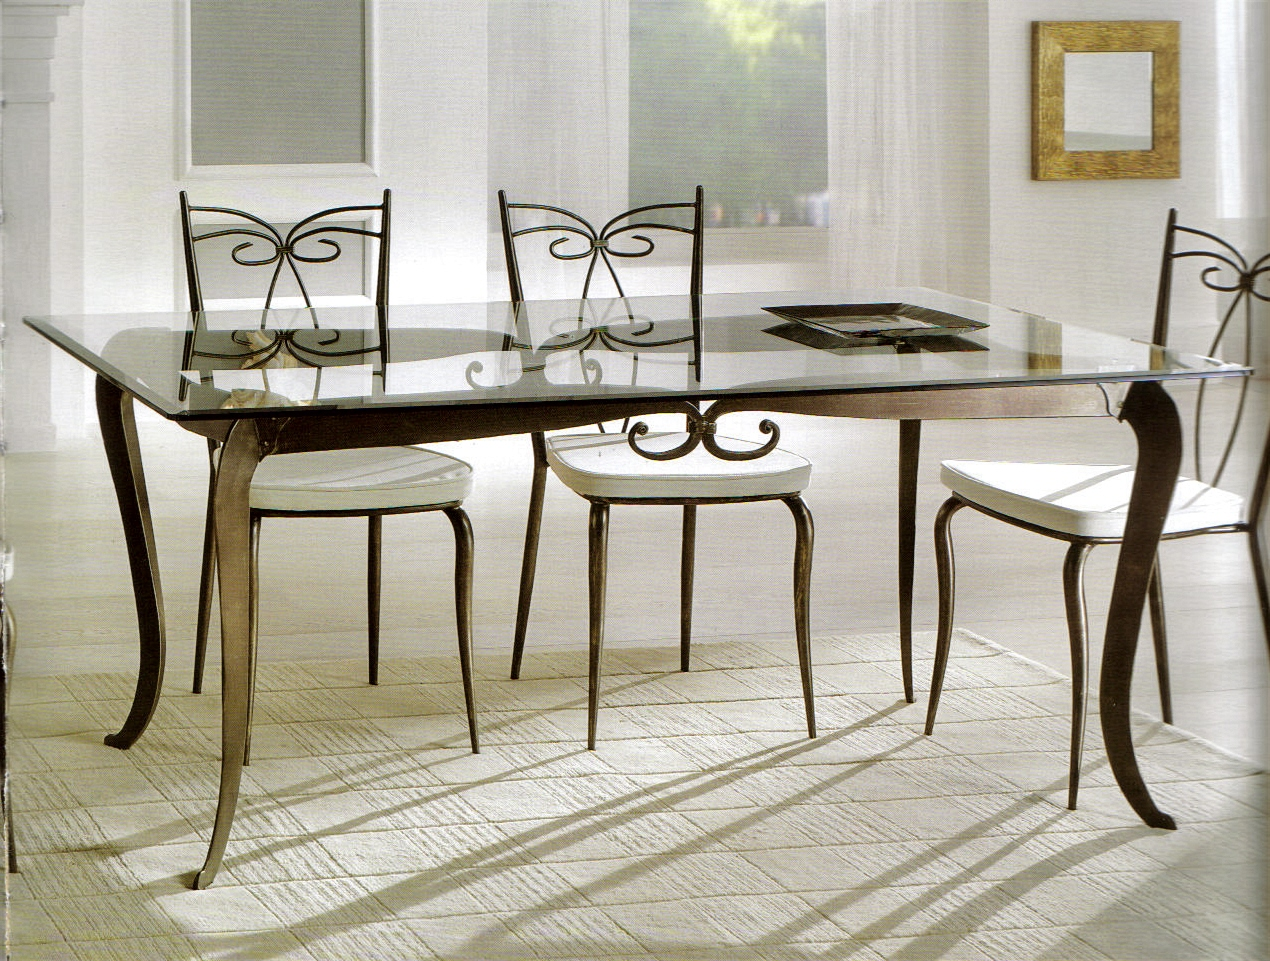 Tavolo In Ferro Battuto Prezzo : Tavoli tavolini d arredo tavolo ferro battuto e vetro